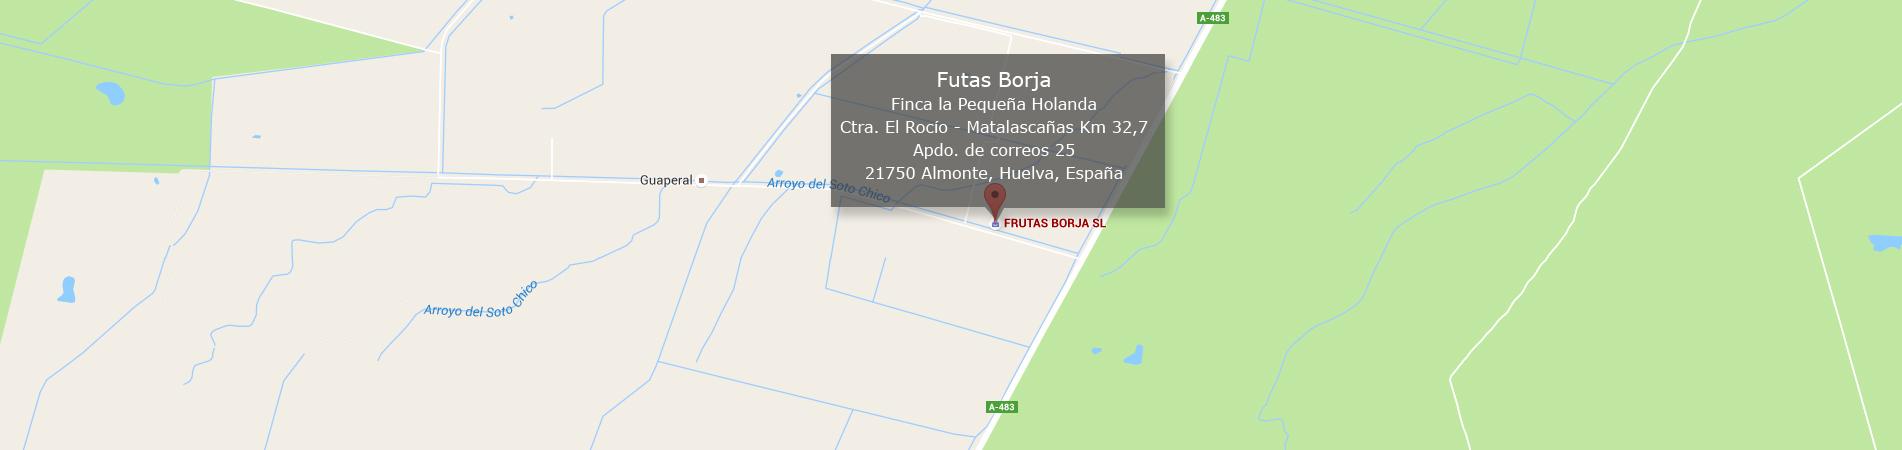 mapa-localizacioin